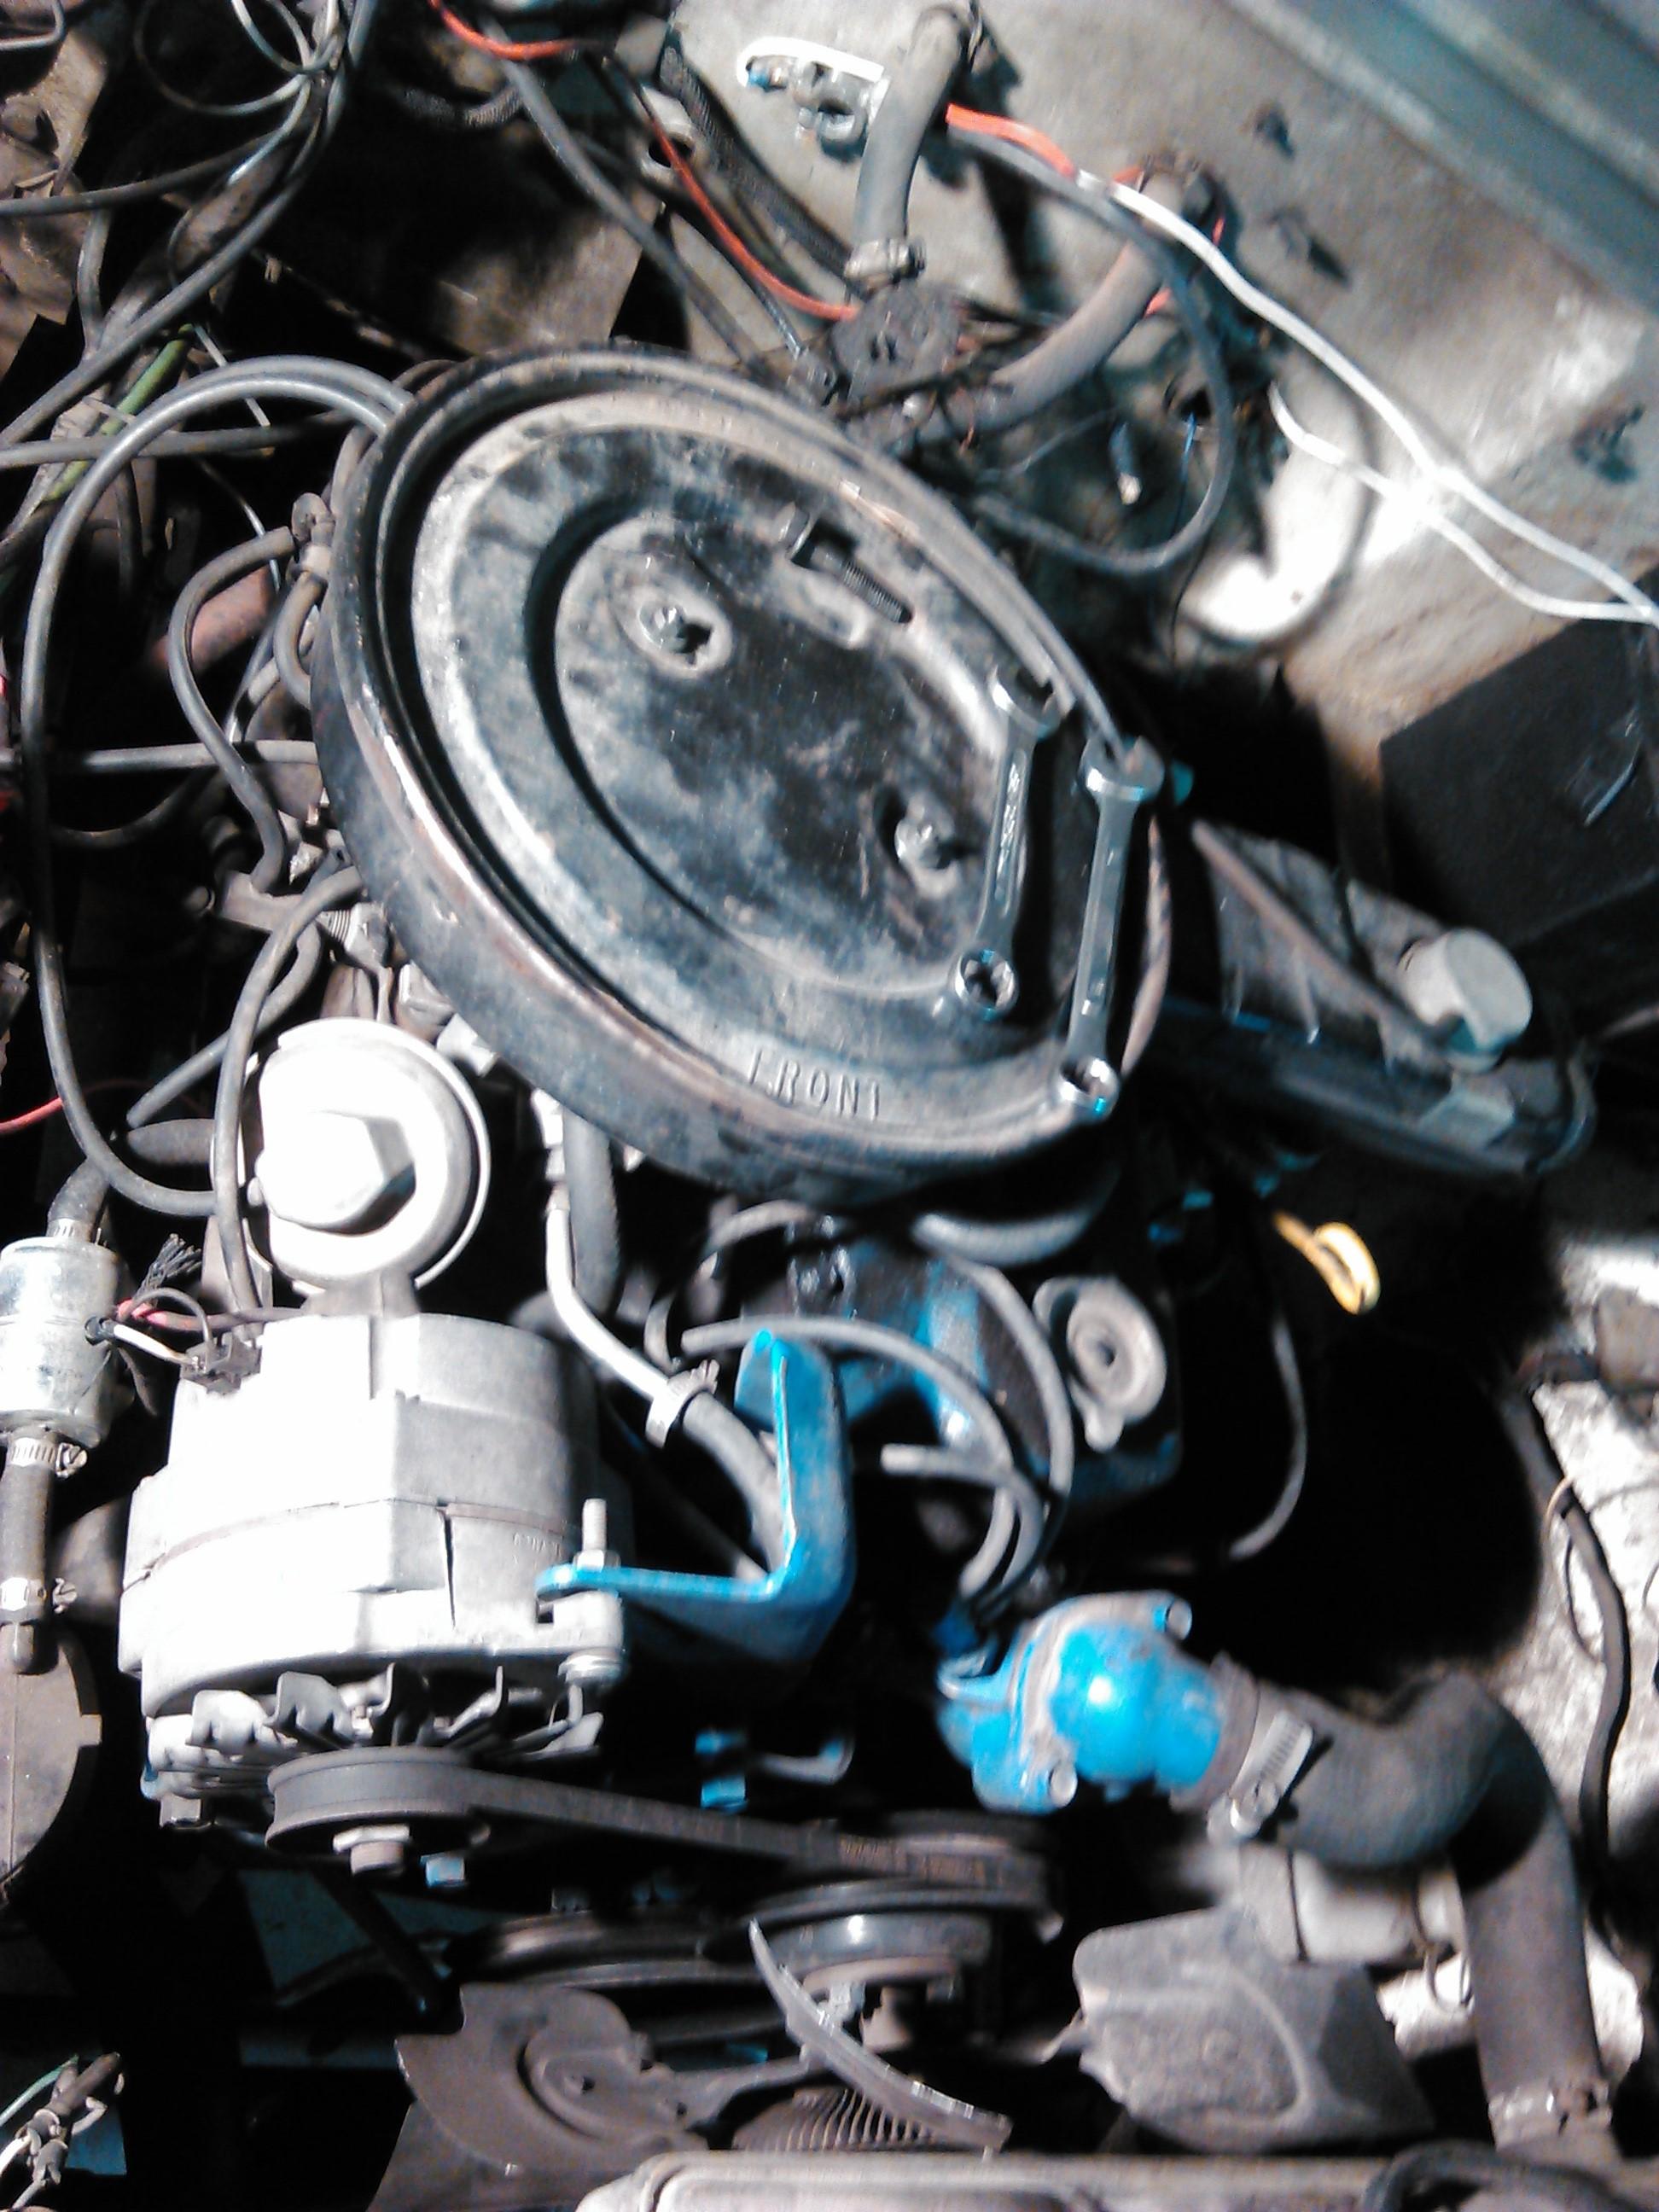 dj-engine-001.jpg